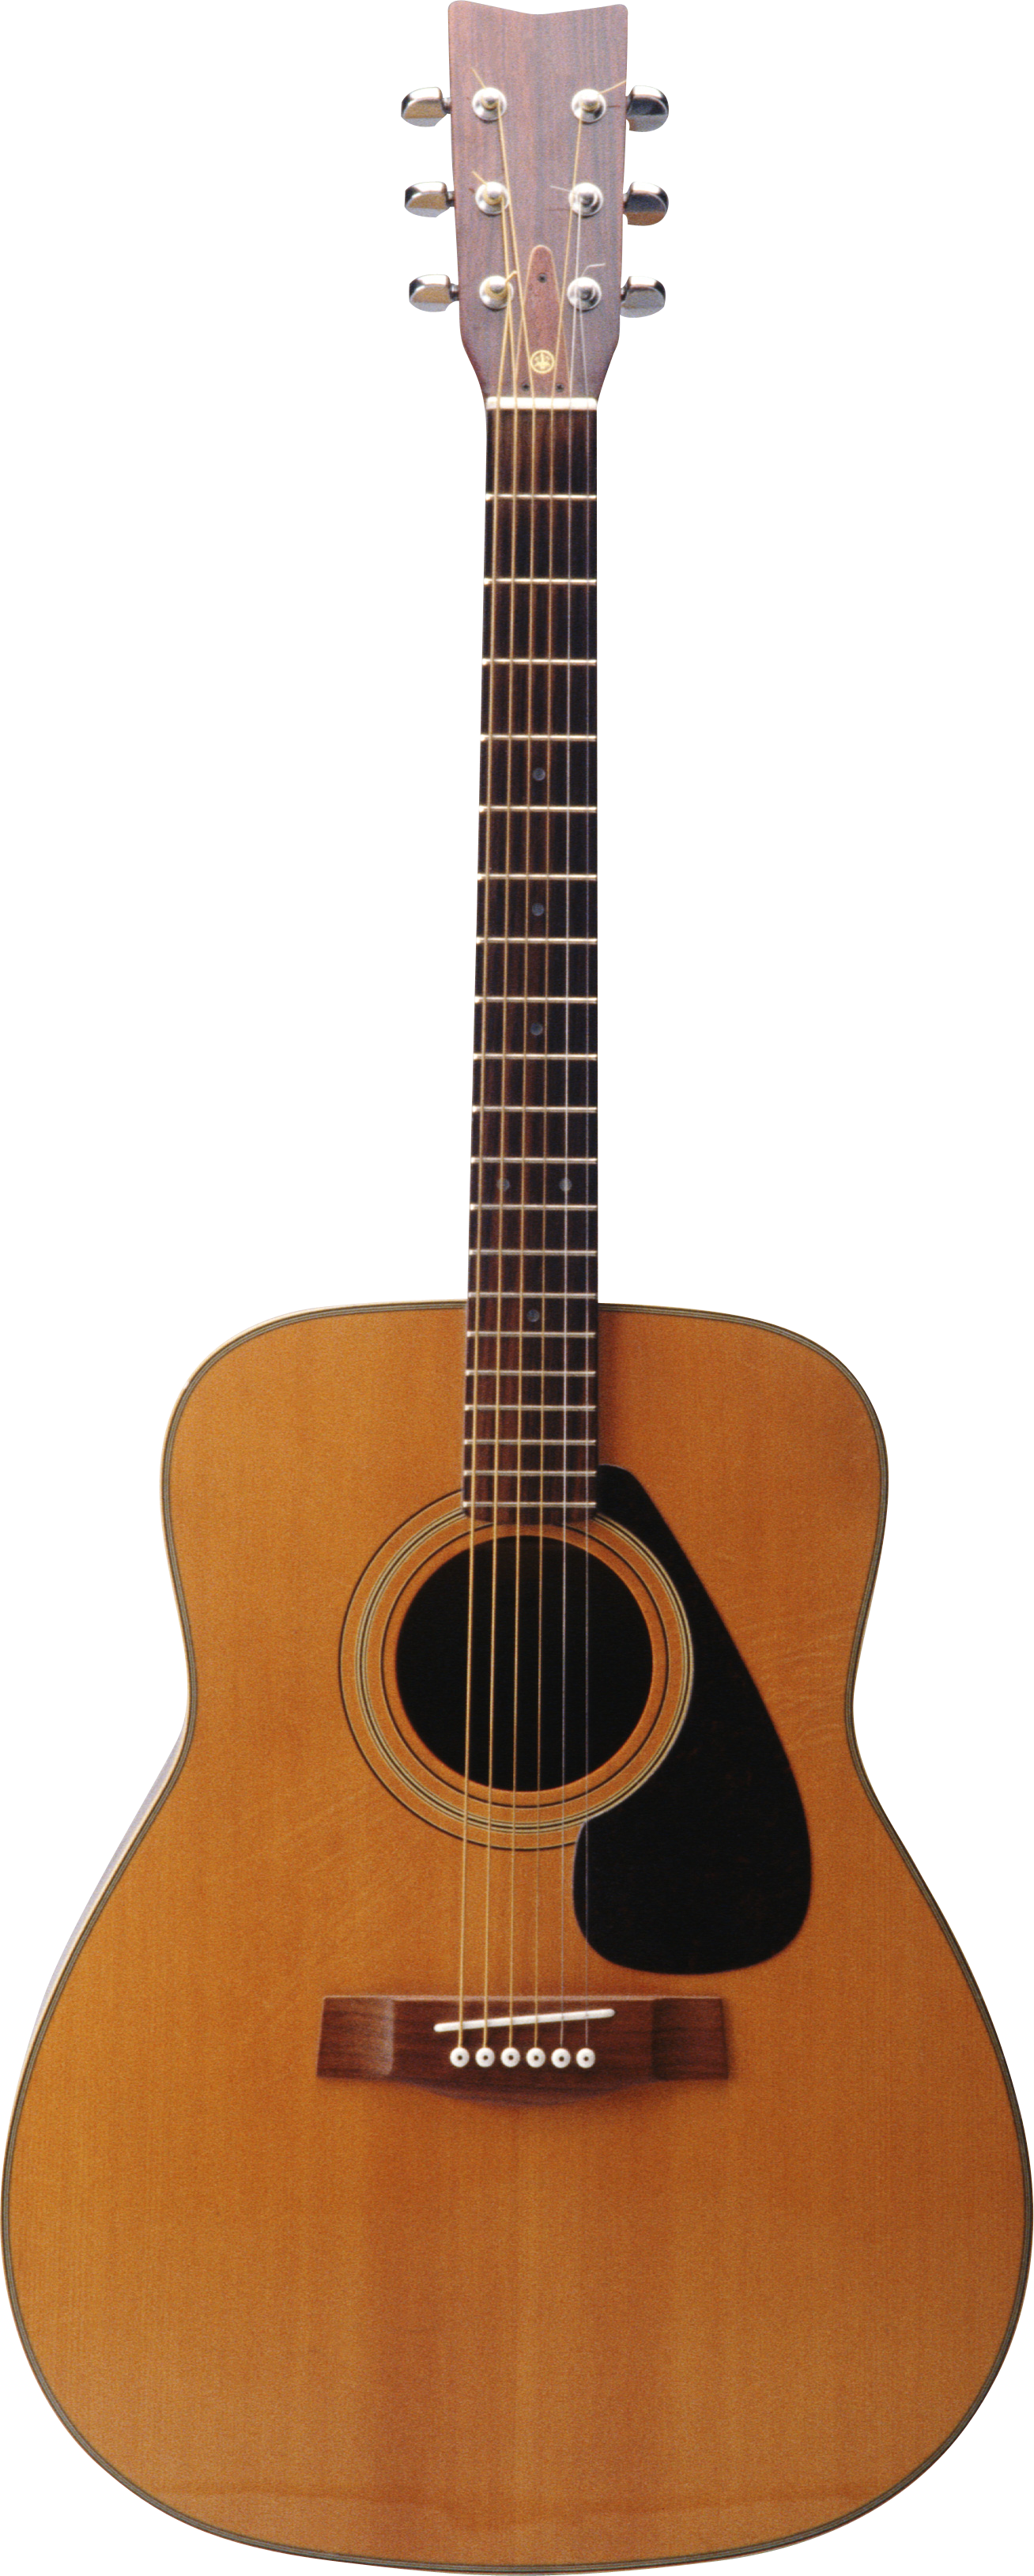 Acoustic Classic Guitar Png Image Semi Acoustic Guitar Guitar Acoustic Guitar Art